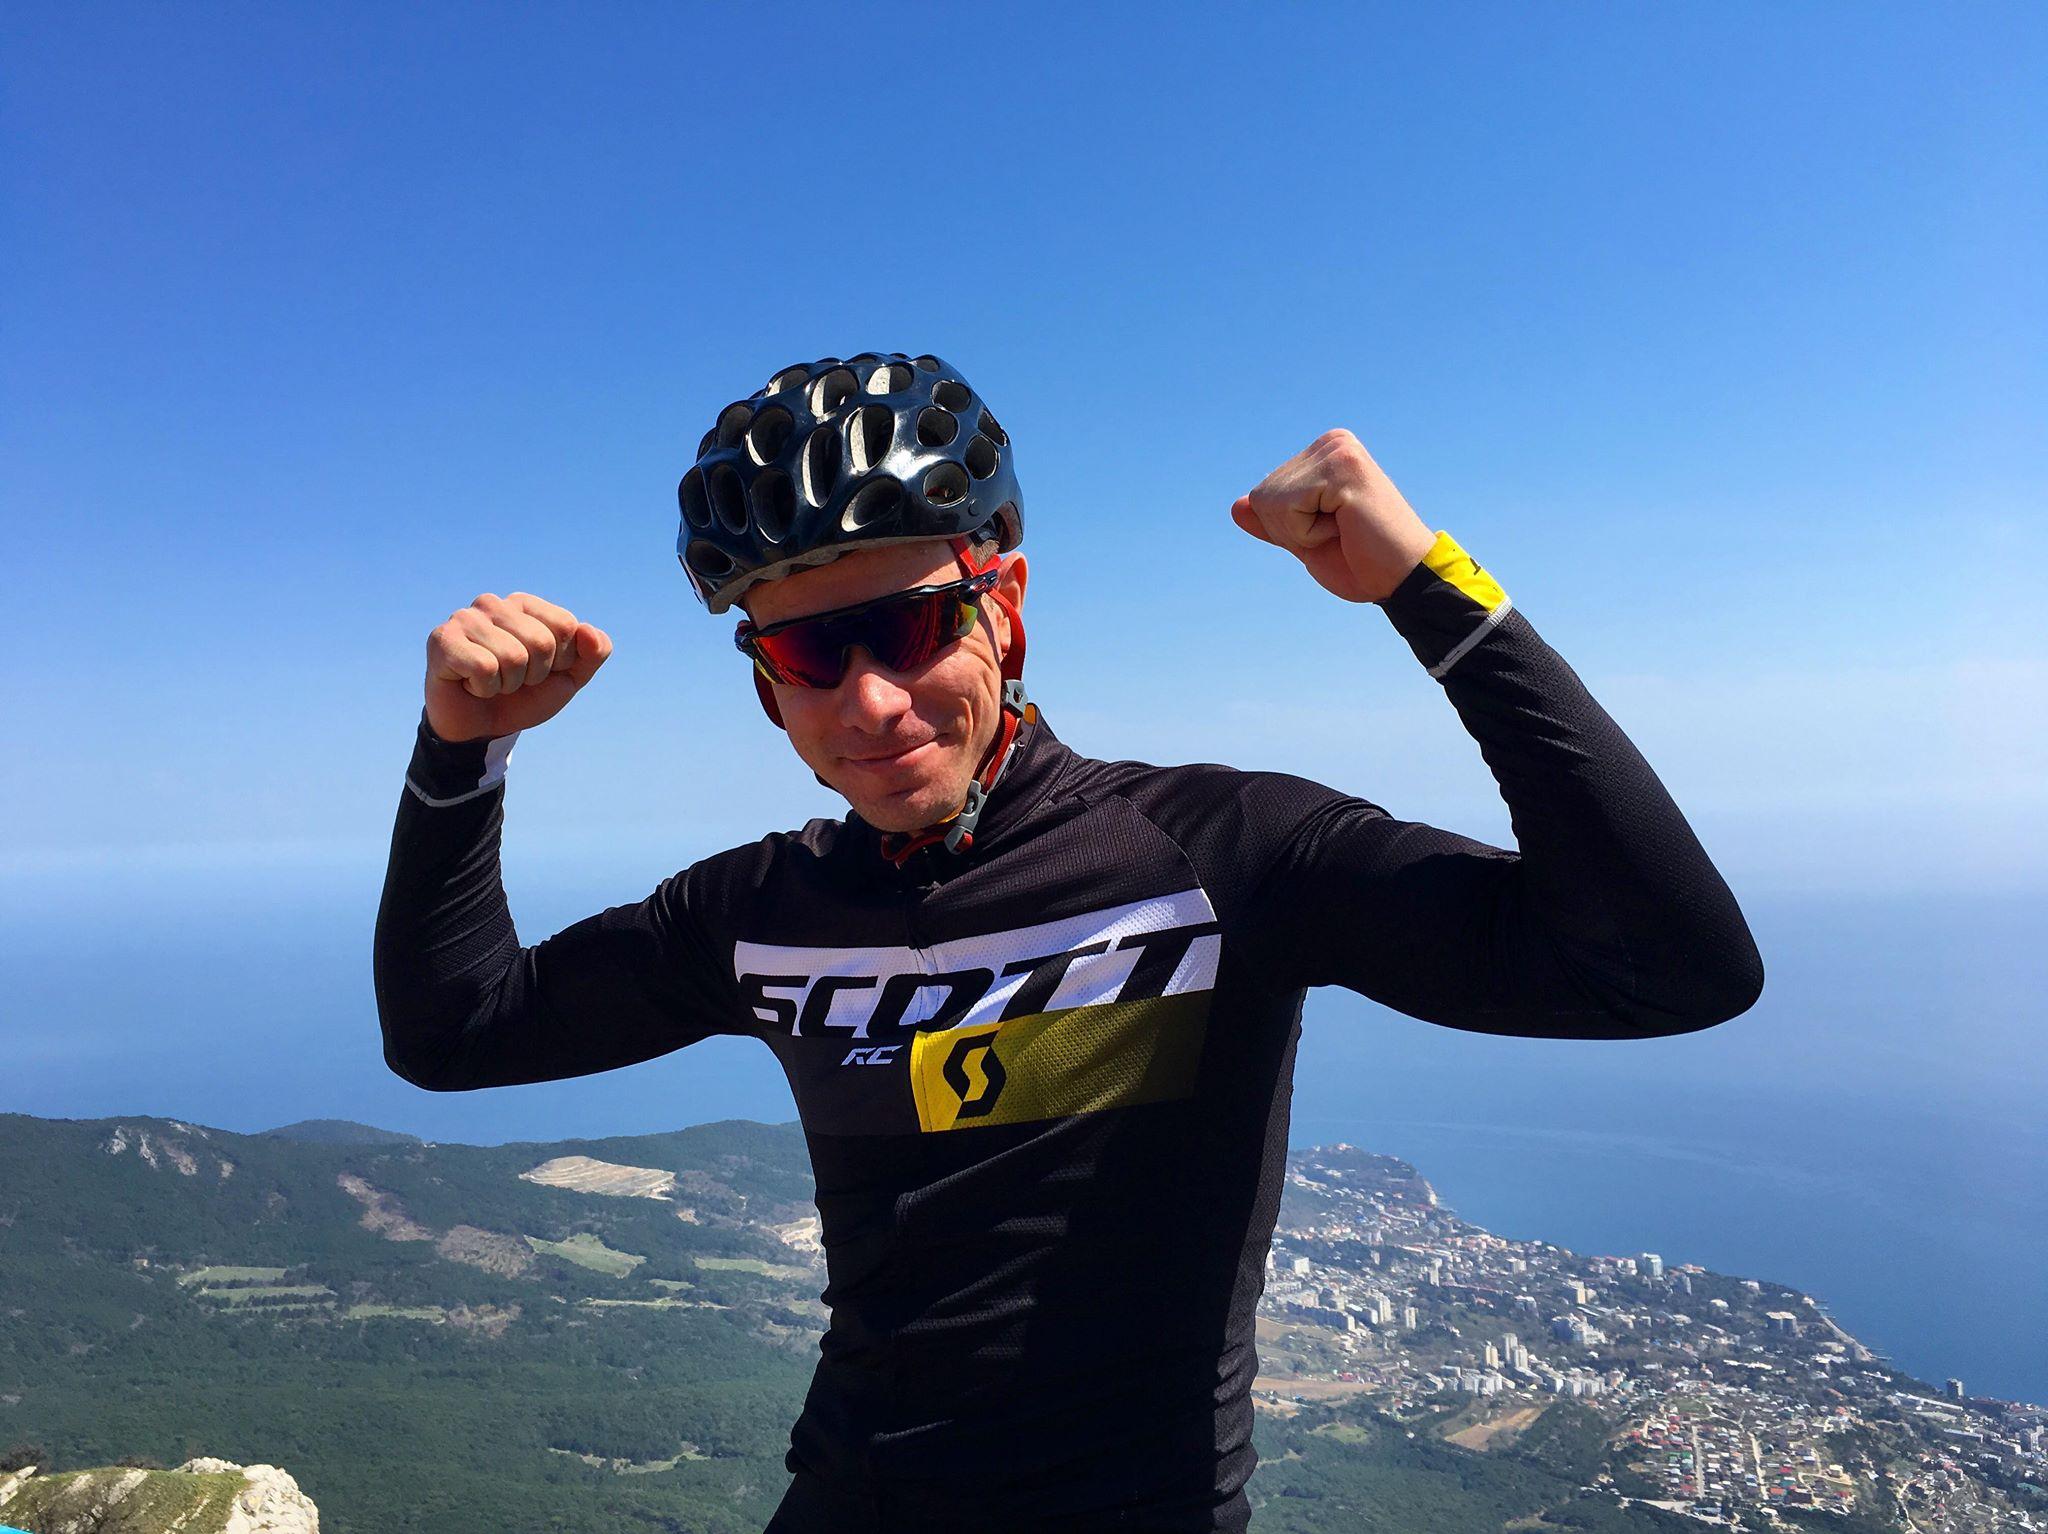 Александр Поляков - тренер по велоспорту, беговым лыжам